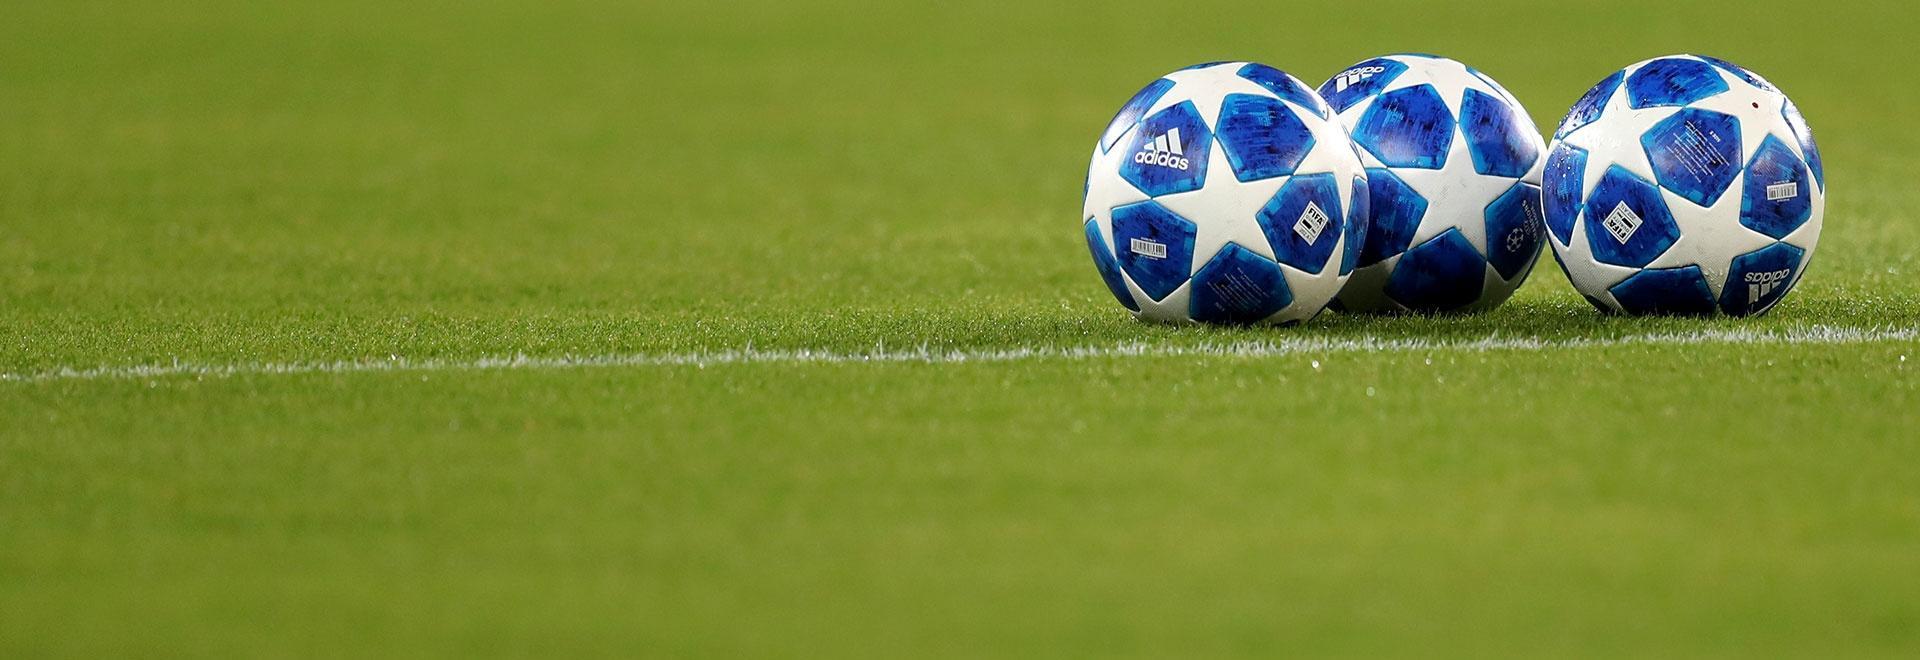 Borussia Dortmund - Bayern Monaco 2013. Finale